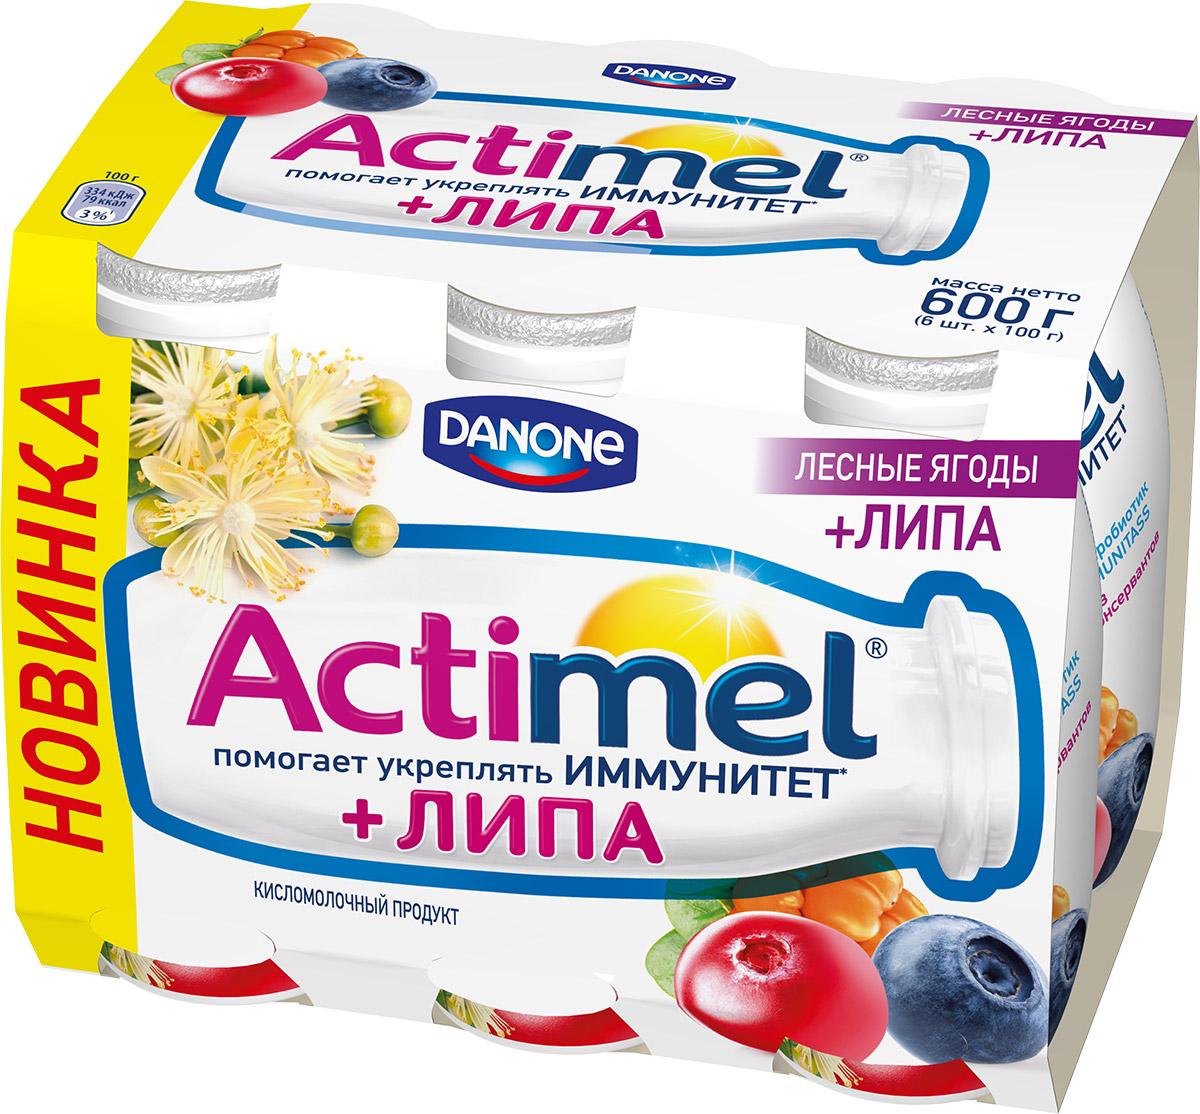 Актимель Продукт кисломолочный, Лесные ягоды с липой 2,5%, 6 шт по 100 г актимель продукт кисломолочный детский клубника банан 2 5